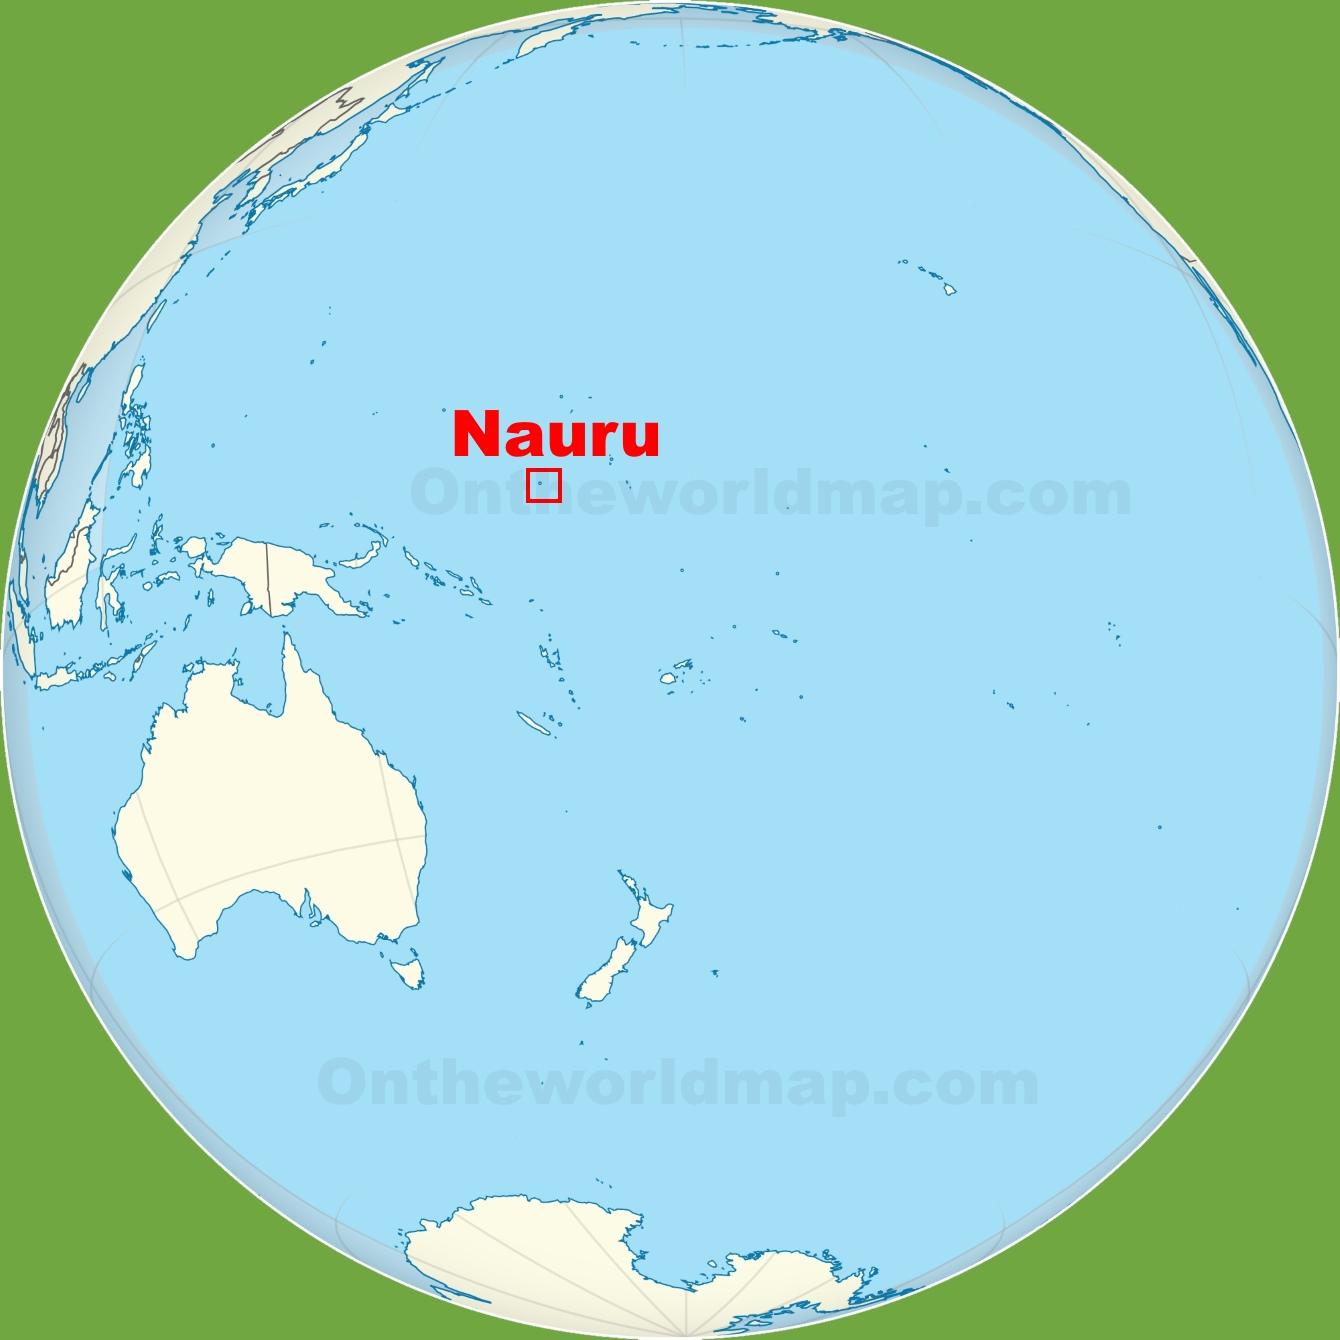 Nauru location on the Pacific Ocean map